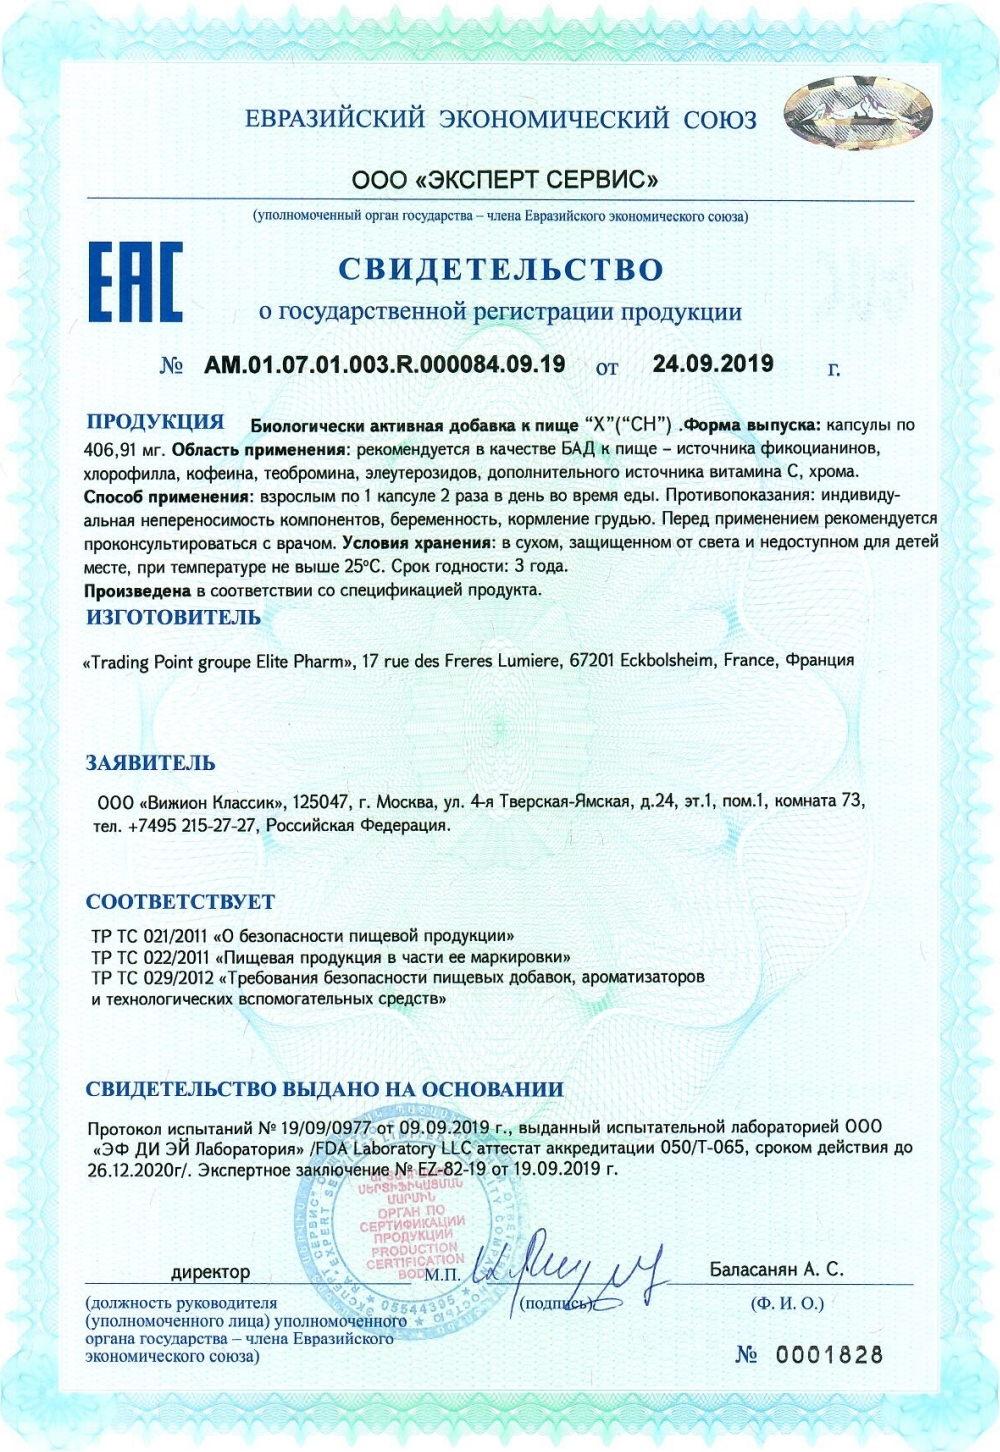 CH projectV svidetelstvo o gosudarstvennoy registracii